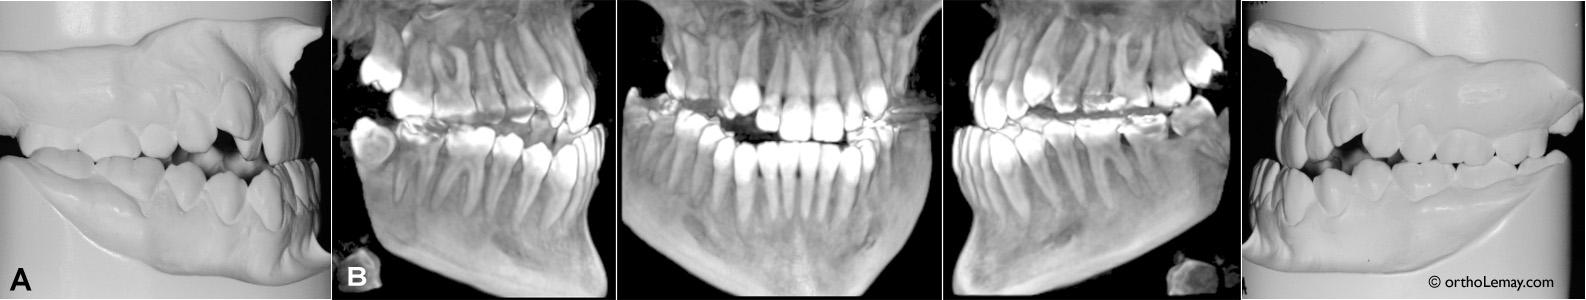 Modèles d'étude et tomodensitométrie volumique à faisceau conique (TVFC) pour une malocclusion classe 3 avec prognathie mandibulaire et déficience maxillaire qui sera traitée en ortho-chirurgie.